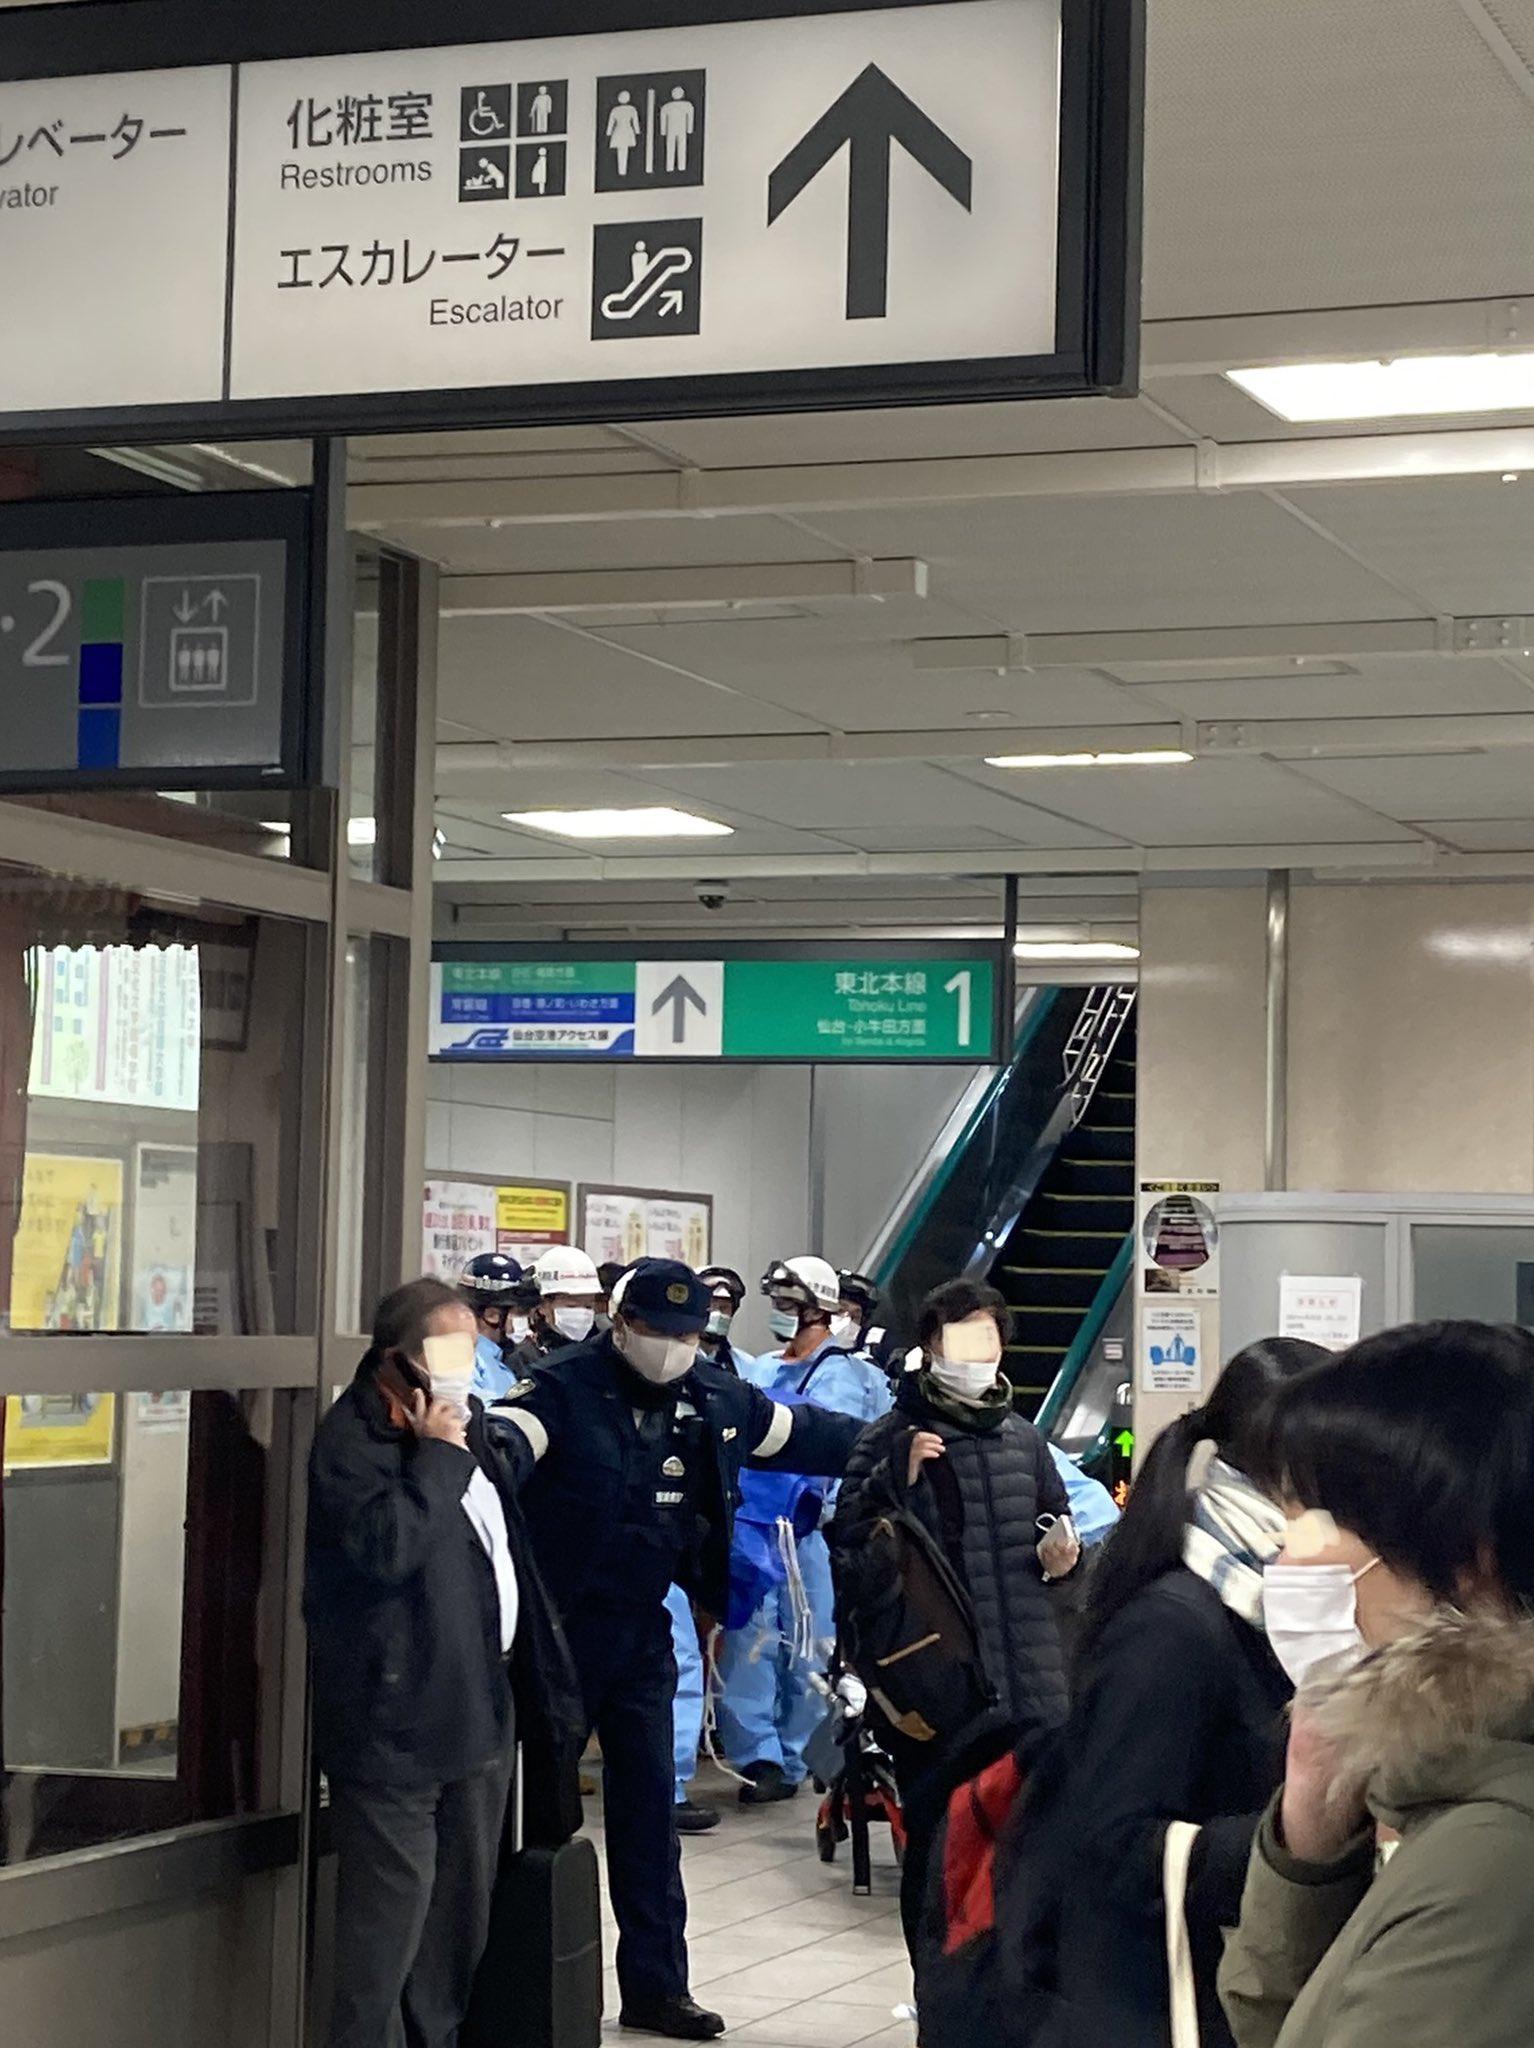 長町駅の人身事故の現場画像